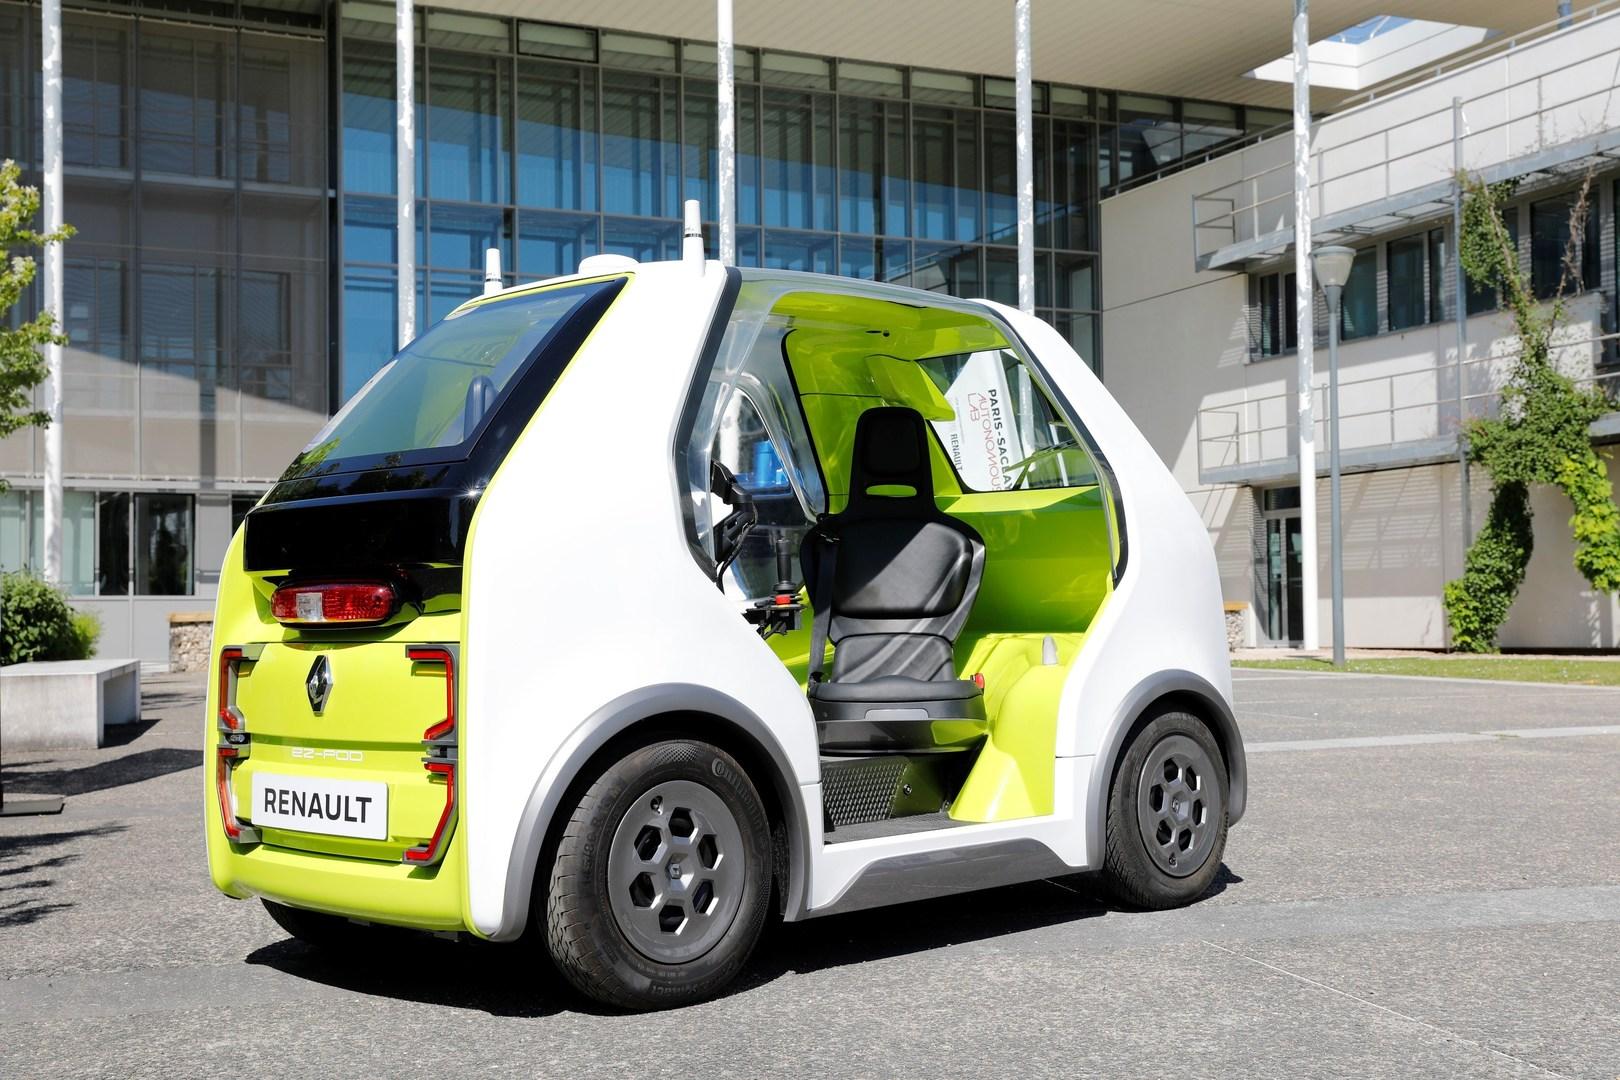 2019 Paris Saclay Autonomous Lab